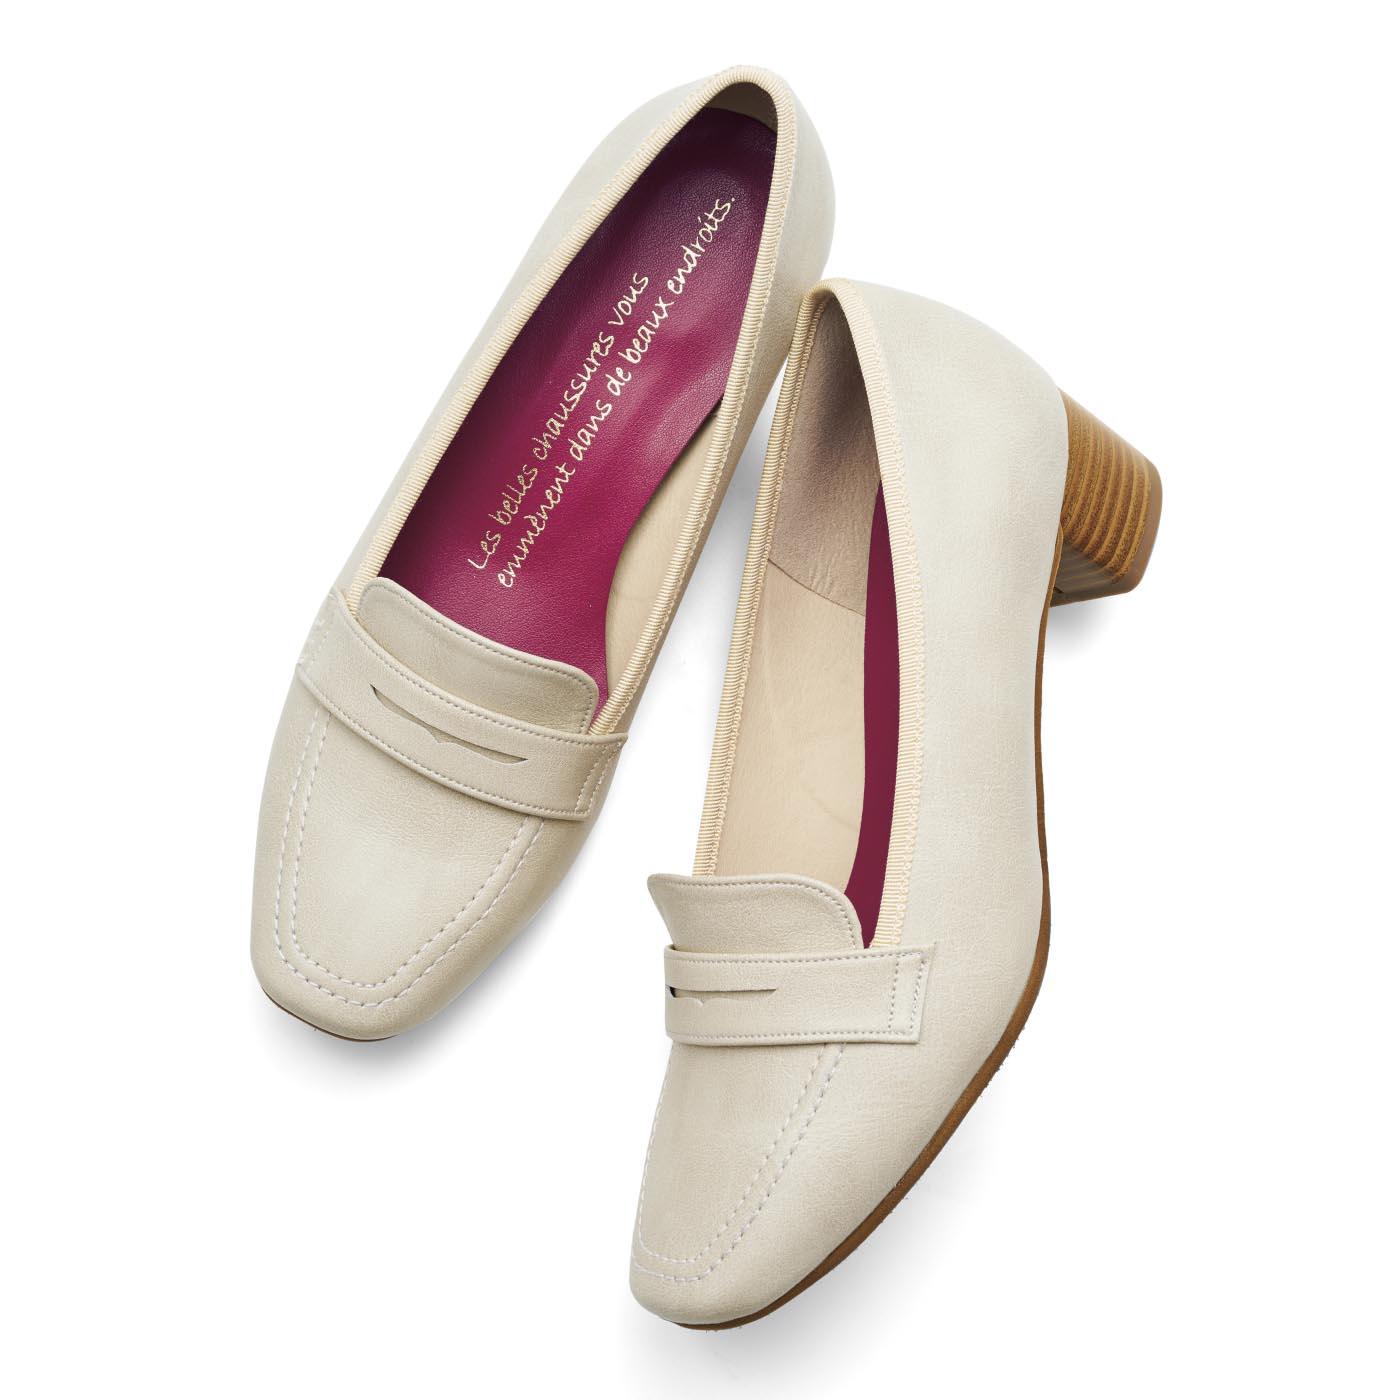 抗菌防臭加工のインソールにはフランスのことわざ「美しい靴はあなたを美しい場所へ連れて行ってくれる」をプリント。